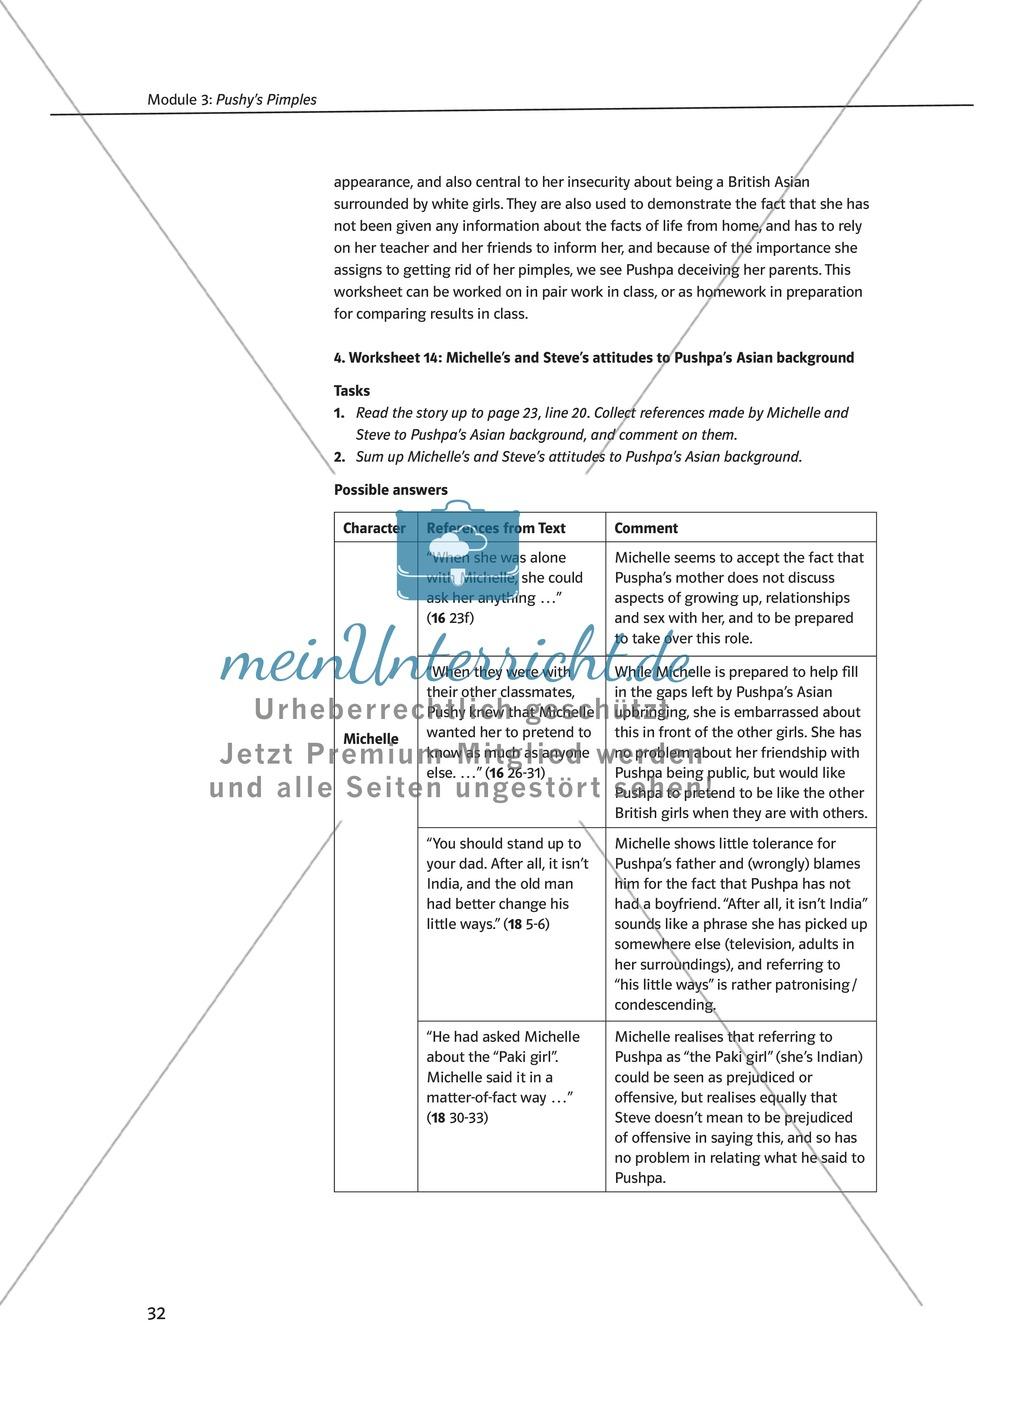 Pushy's Pimples: Zusammenfassung + Aufgaben + Arbeitsblätter Preview 5